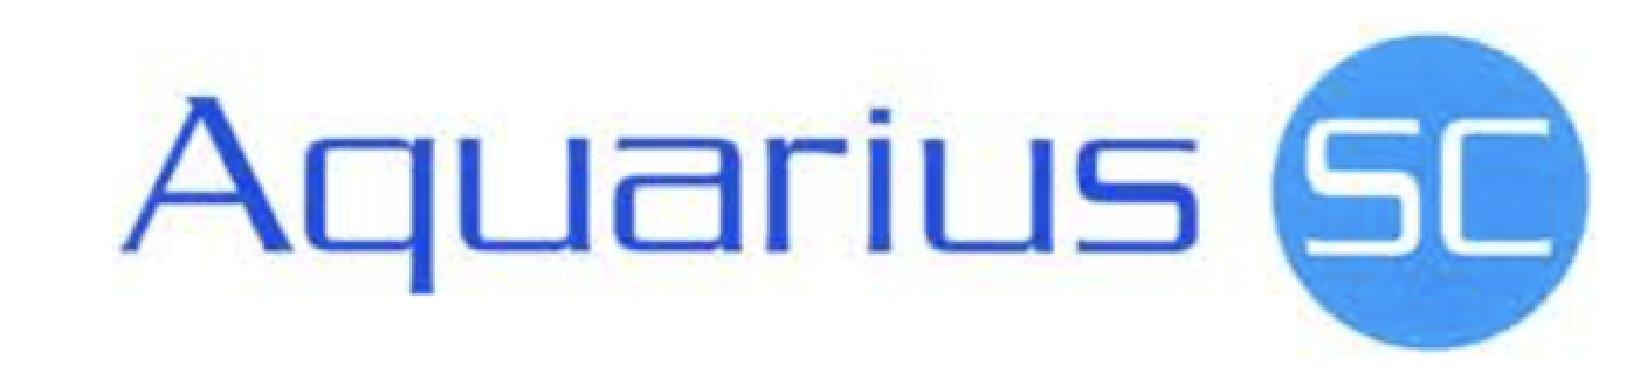 Aquarius Agriculture